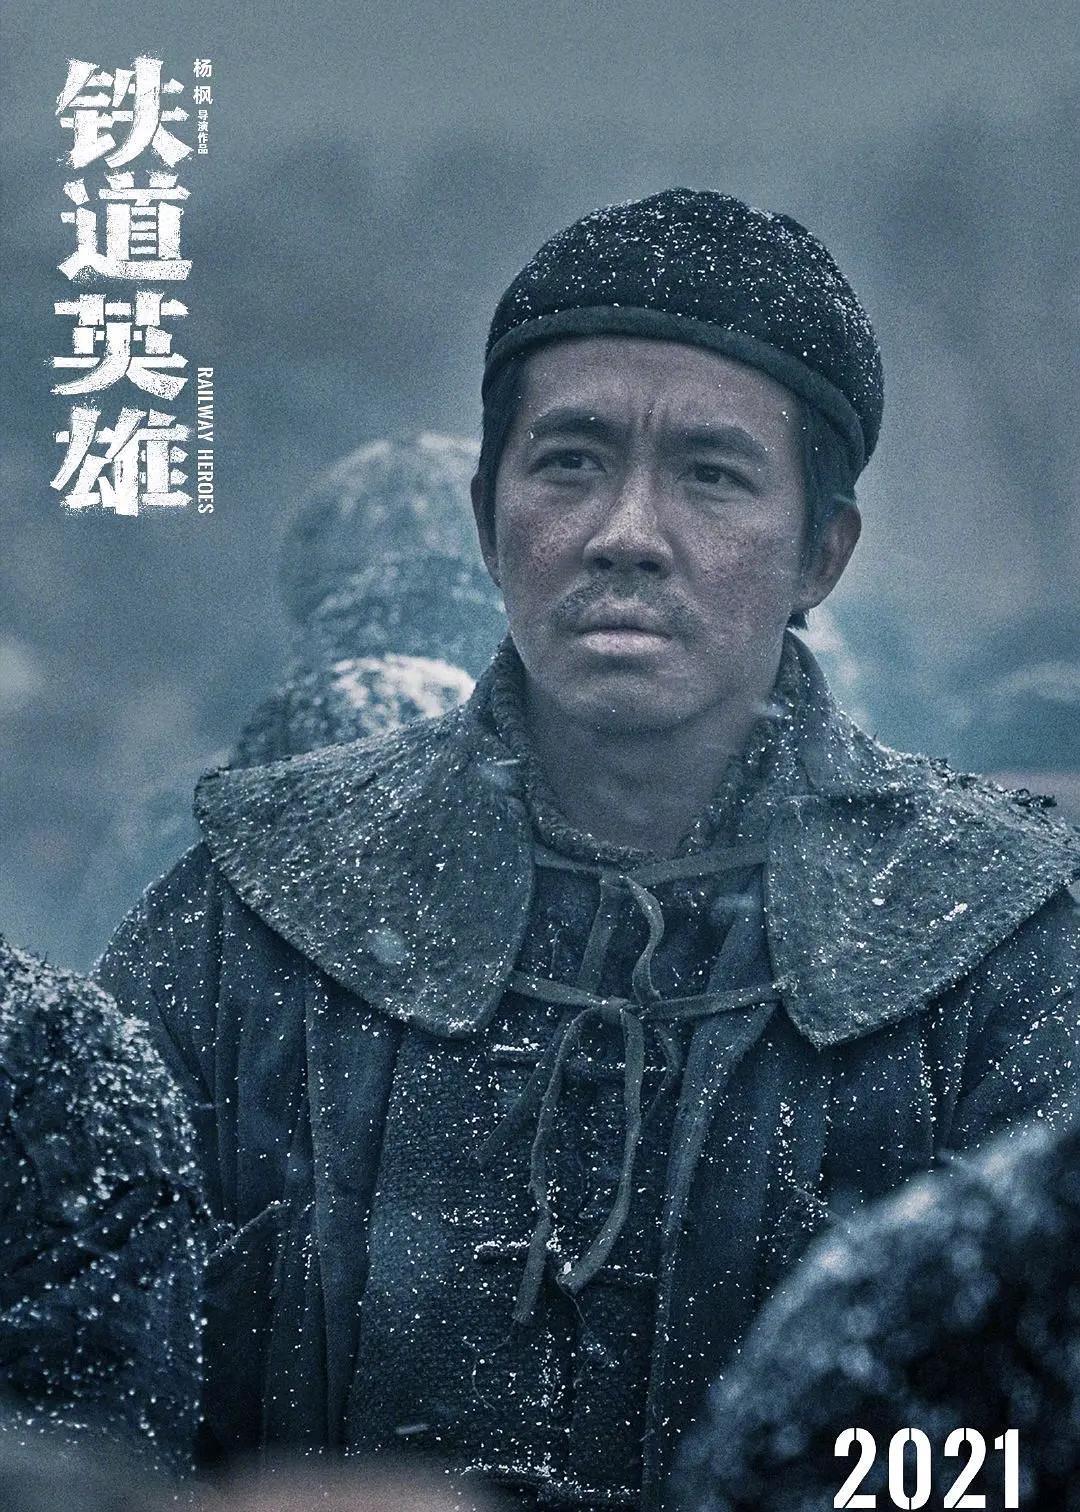 《铁道英雄》百度云资源「1080p/Mp4中字」百度云网盘更新/下载